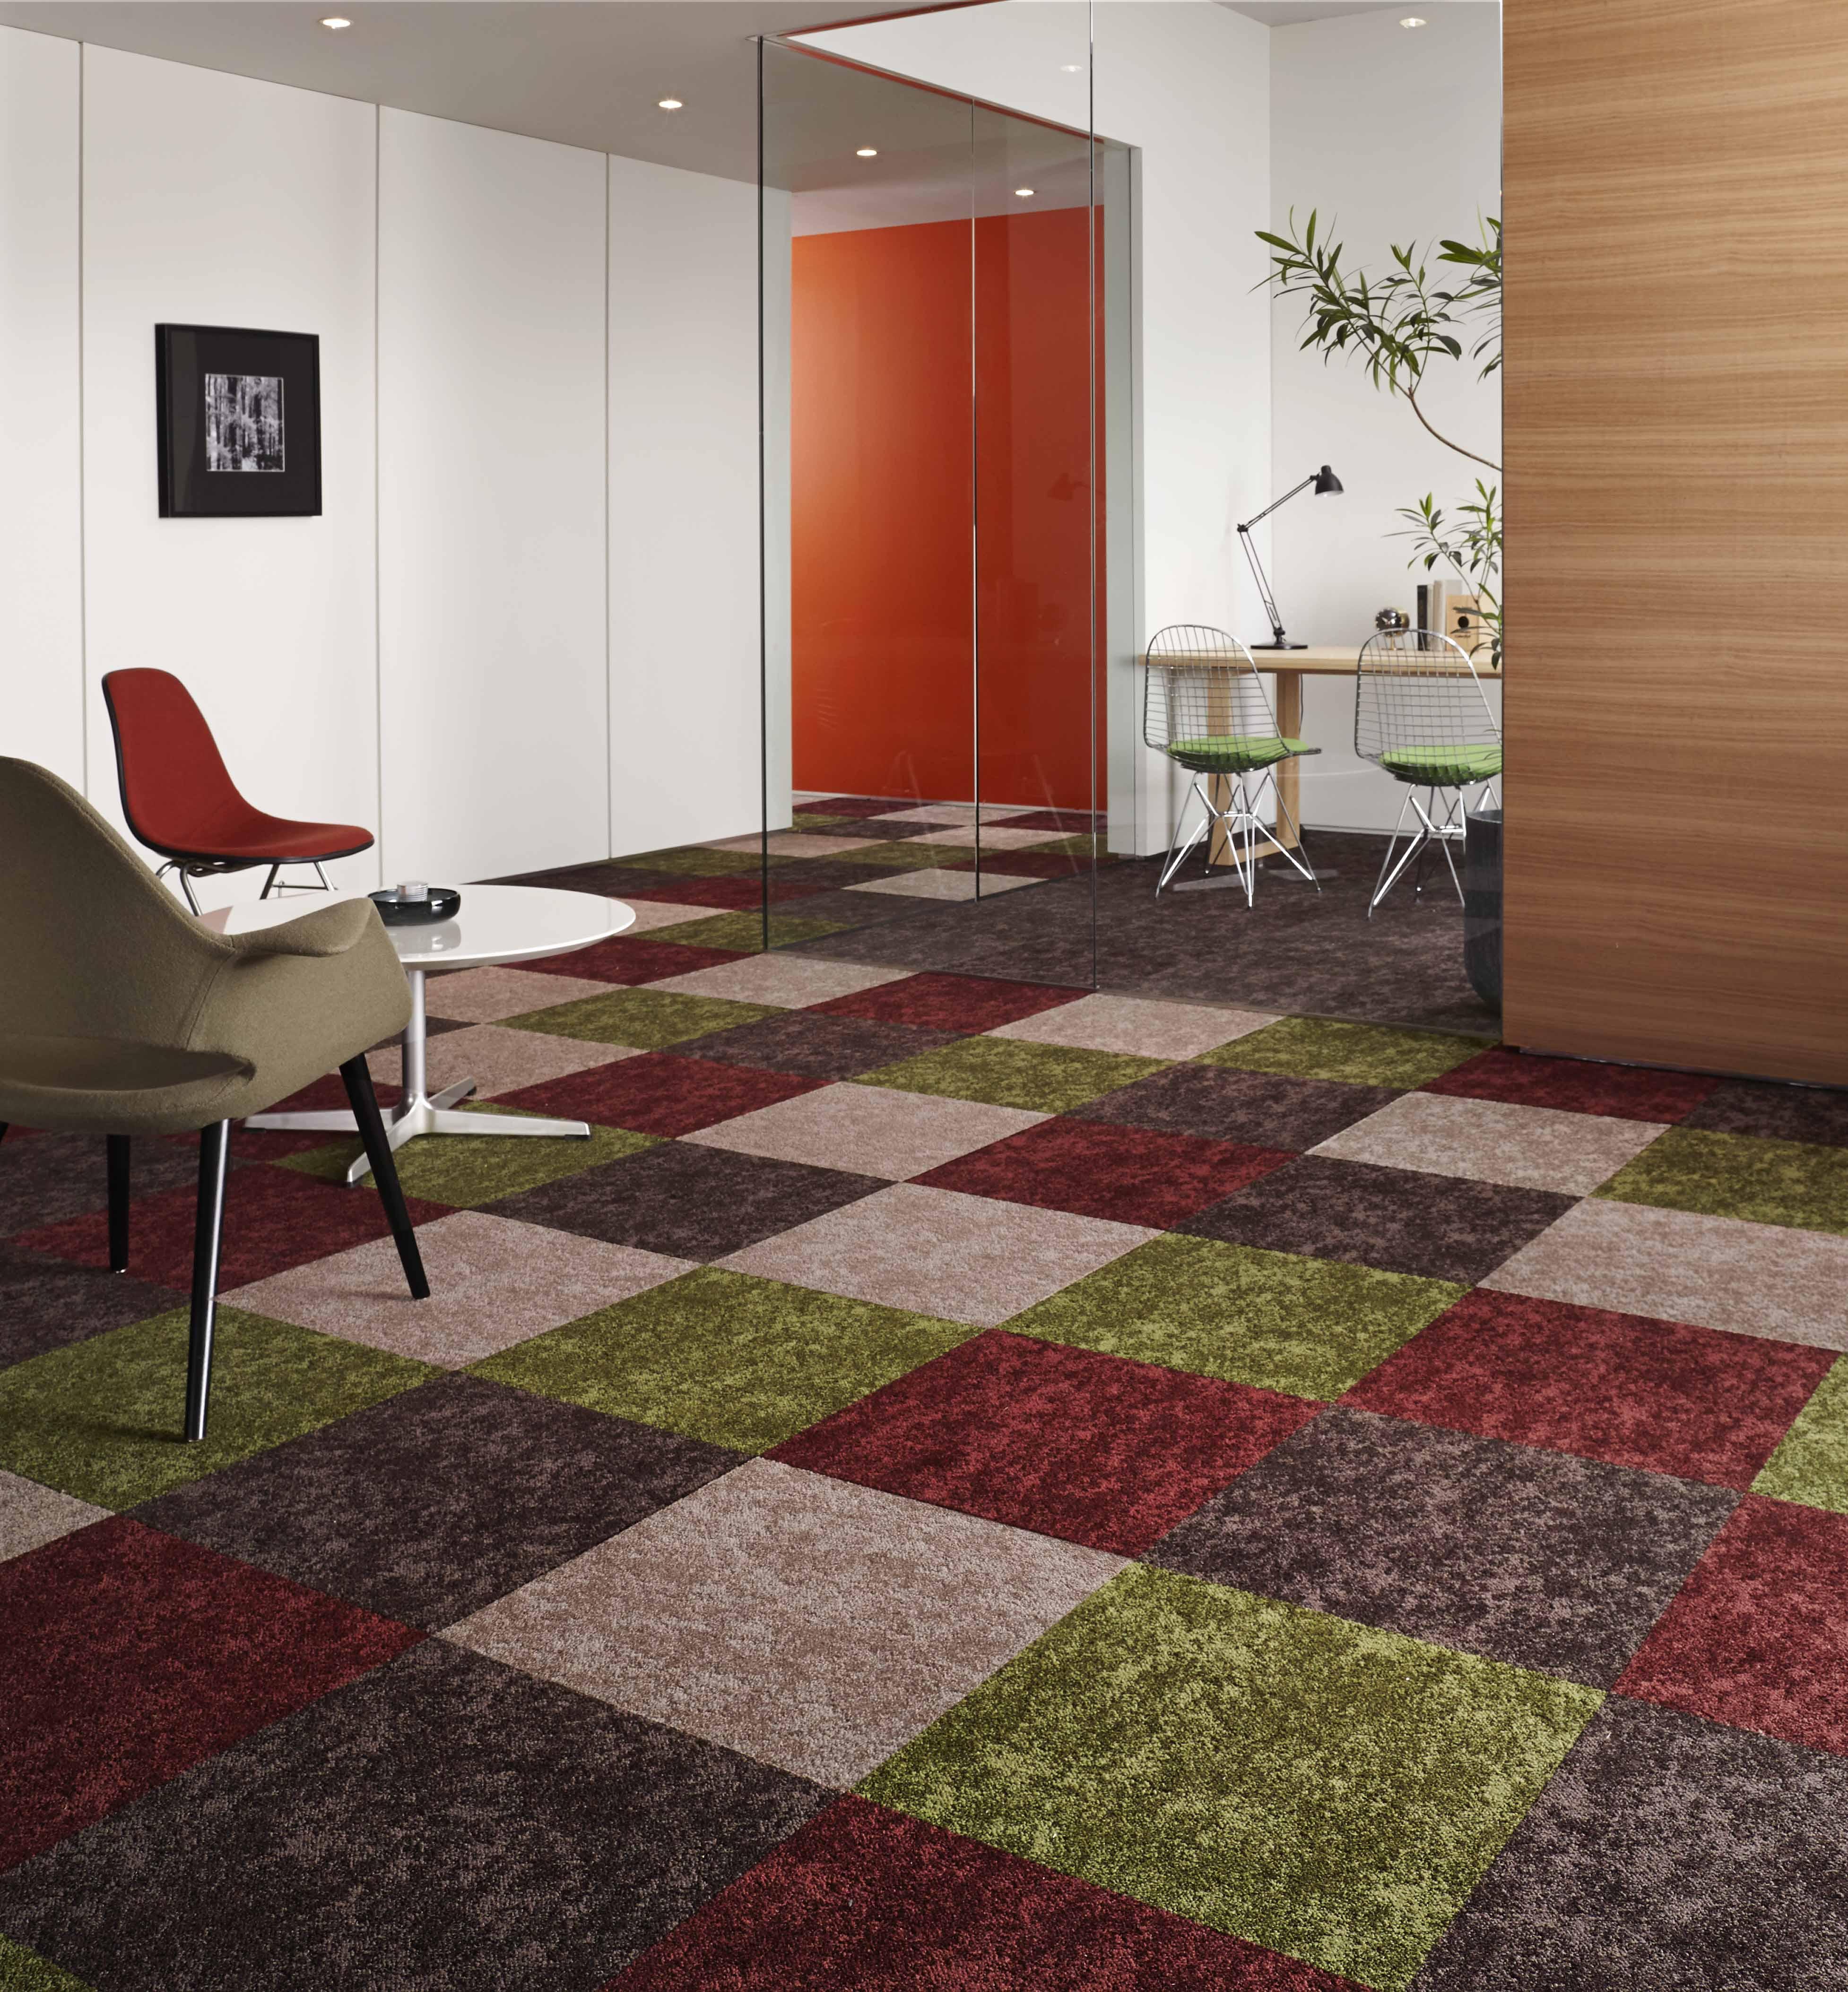 日本の感性を追求した彩り豊かなタイルカーペット